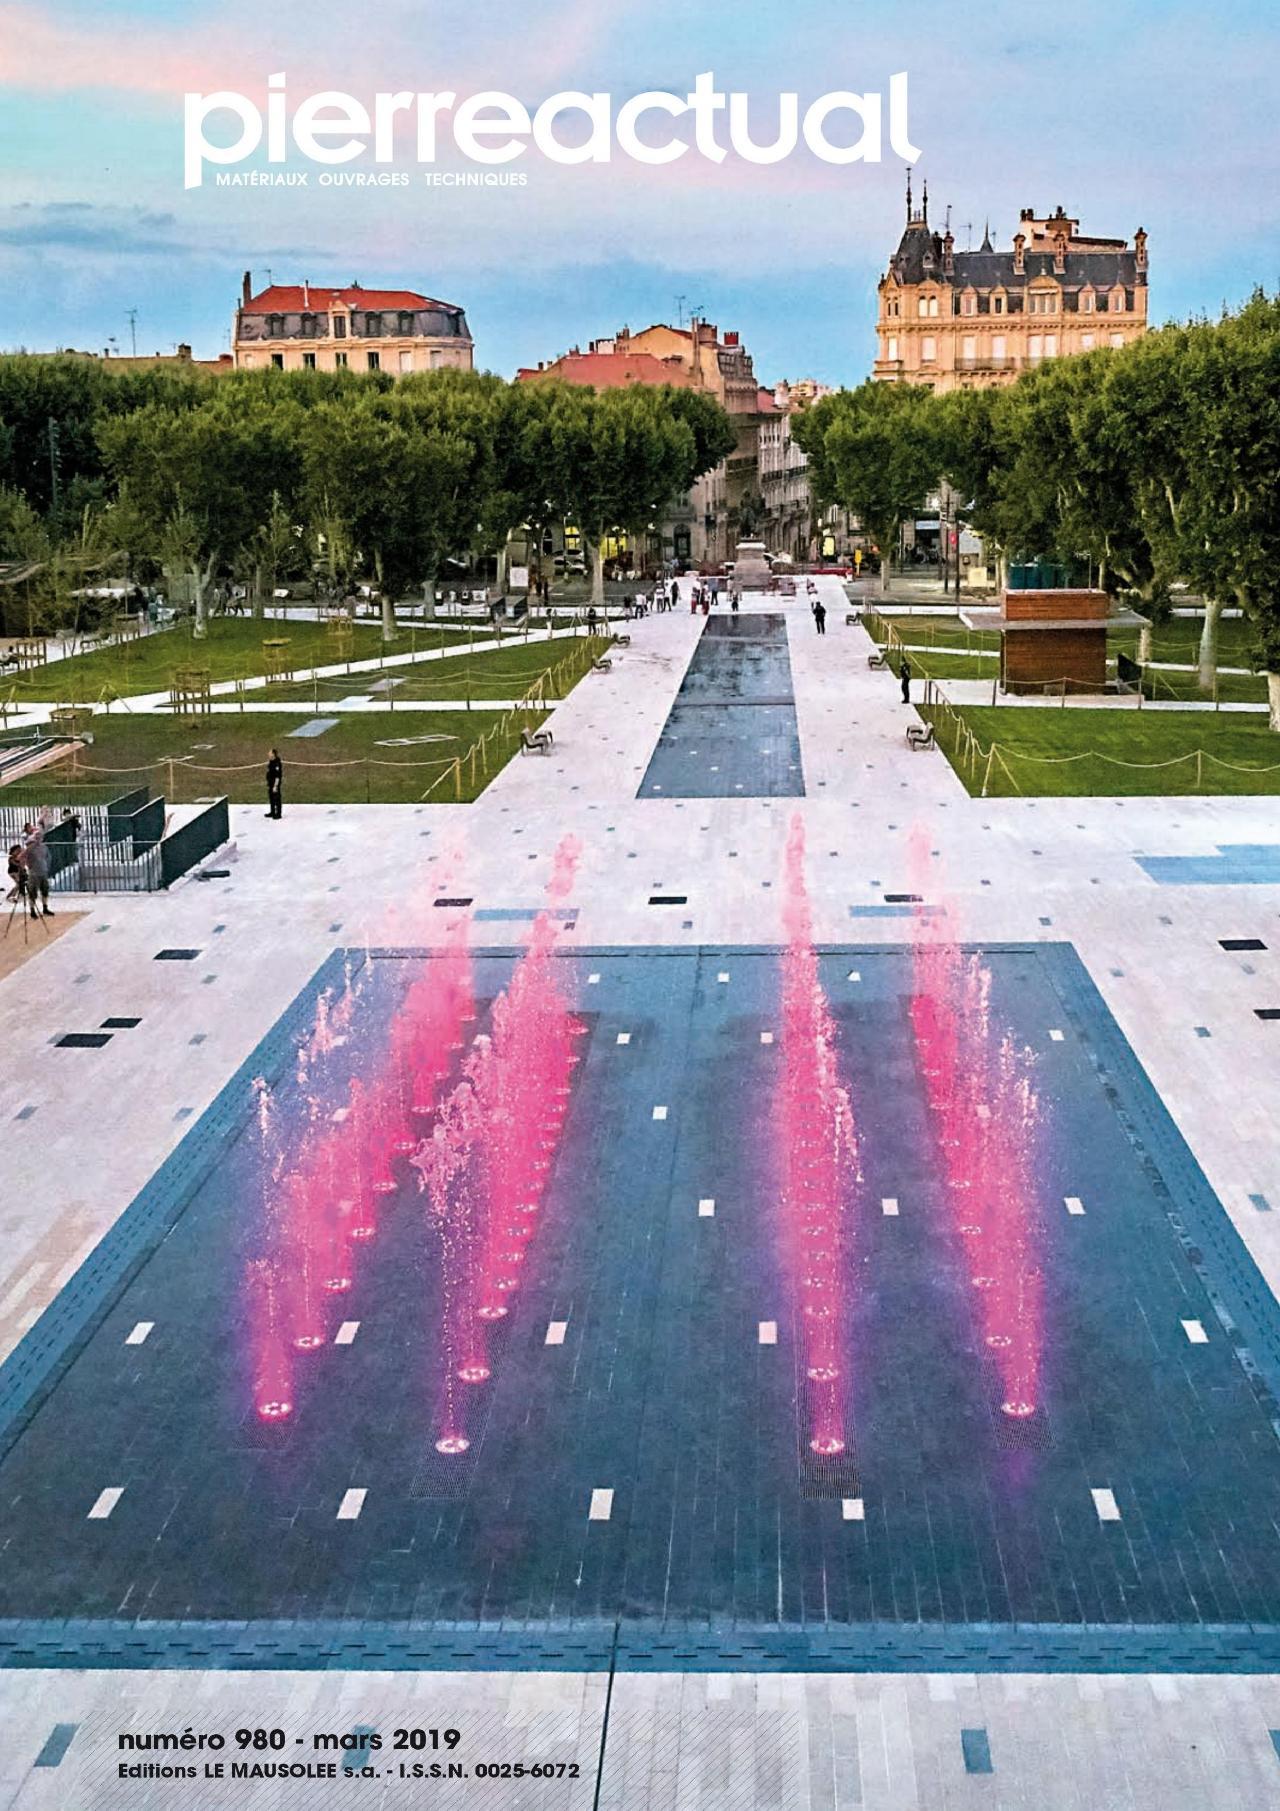 34 béziers place jean jaures statue dallage bande bordure comblanchien setp bassin jet d'eau